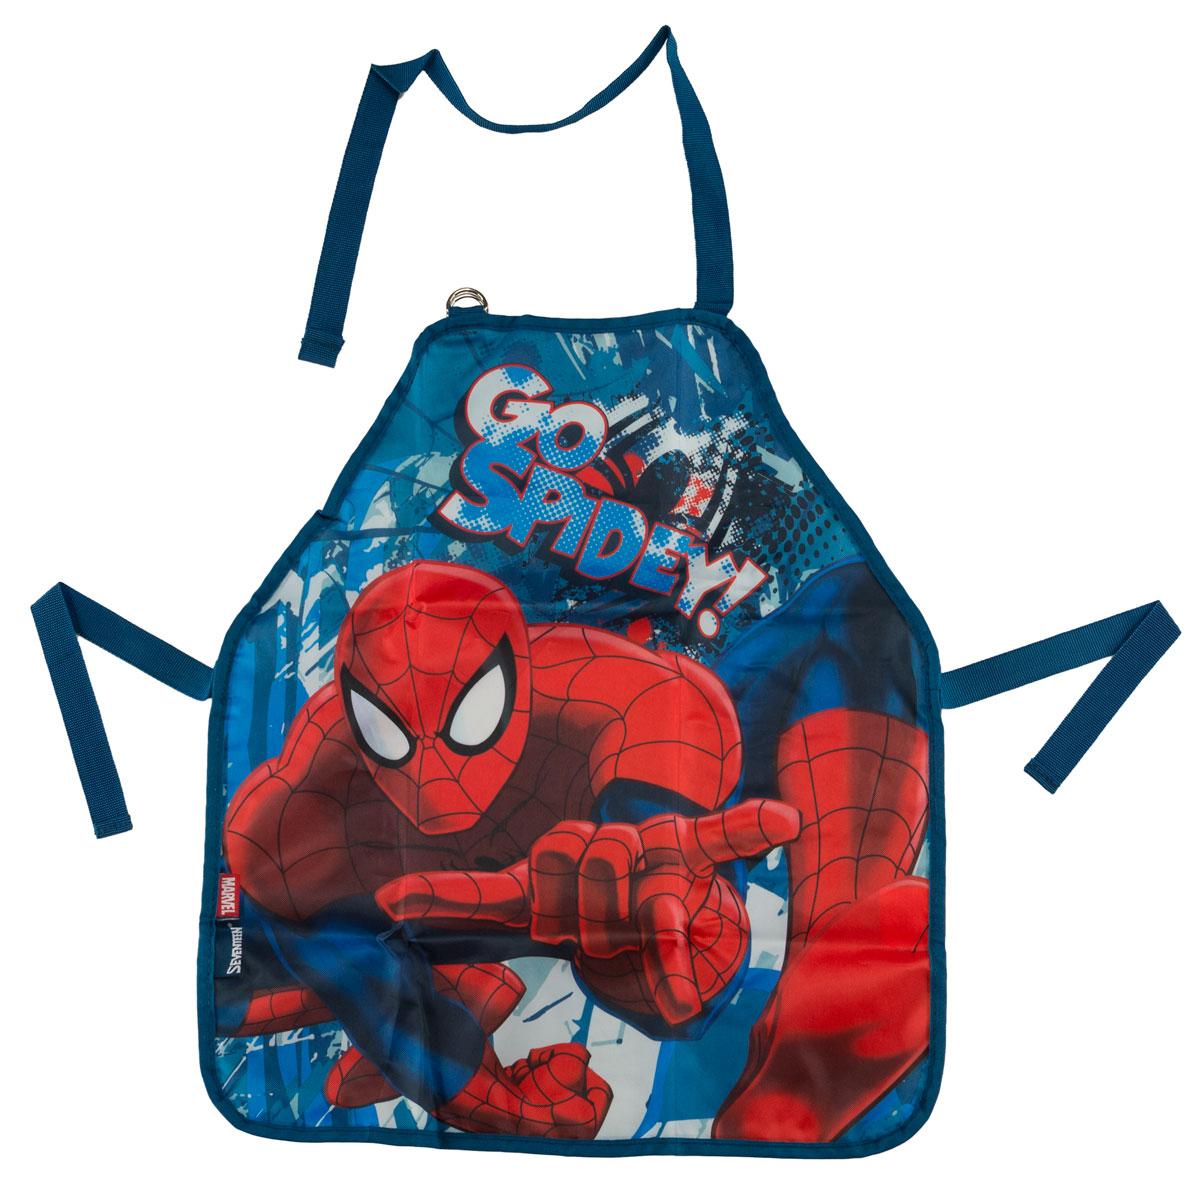 Фартук для детского творчества Spider-Man Classic, цвет: синий. SMCB-MT1-029M35041Фартук для детского творчества Spider-Man Classic поможет малышу не испачкаться во время домашних хлопот, на уроках труда или изобразительного искусства. Благодаря удобному покрою фартука, ребенок может его самостоятельно надевать и снимать. Лямка на шее регулируется по длине с помощью пряжки. Завязки позволяют зафиксировать фартук на талии. Изделие изготовлено из водонепроницаемого материала, легко стирается, поэтому изделие будет служить очень долго.